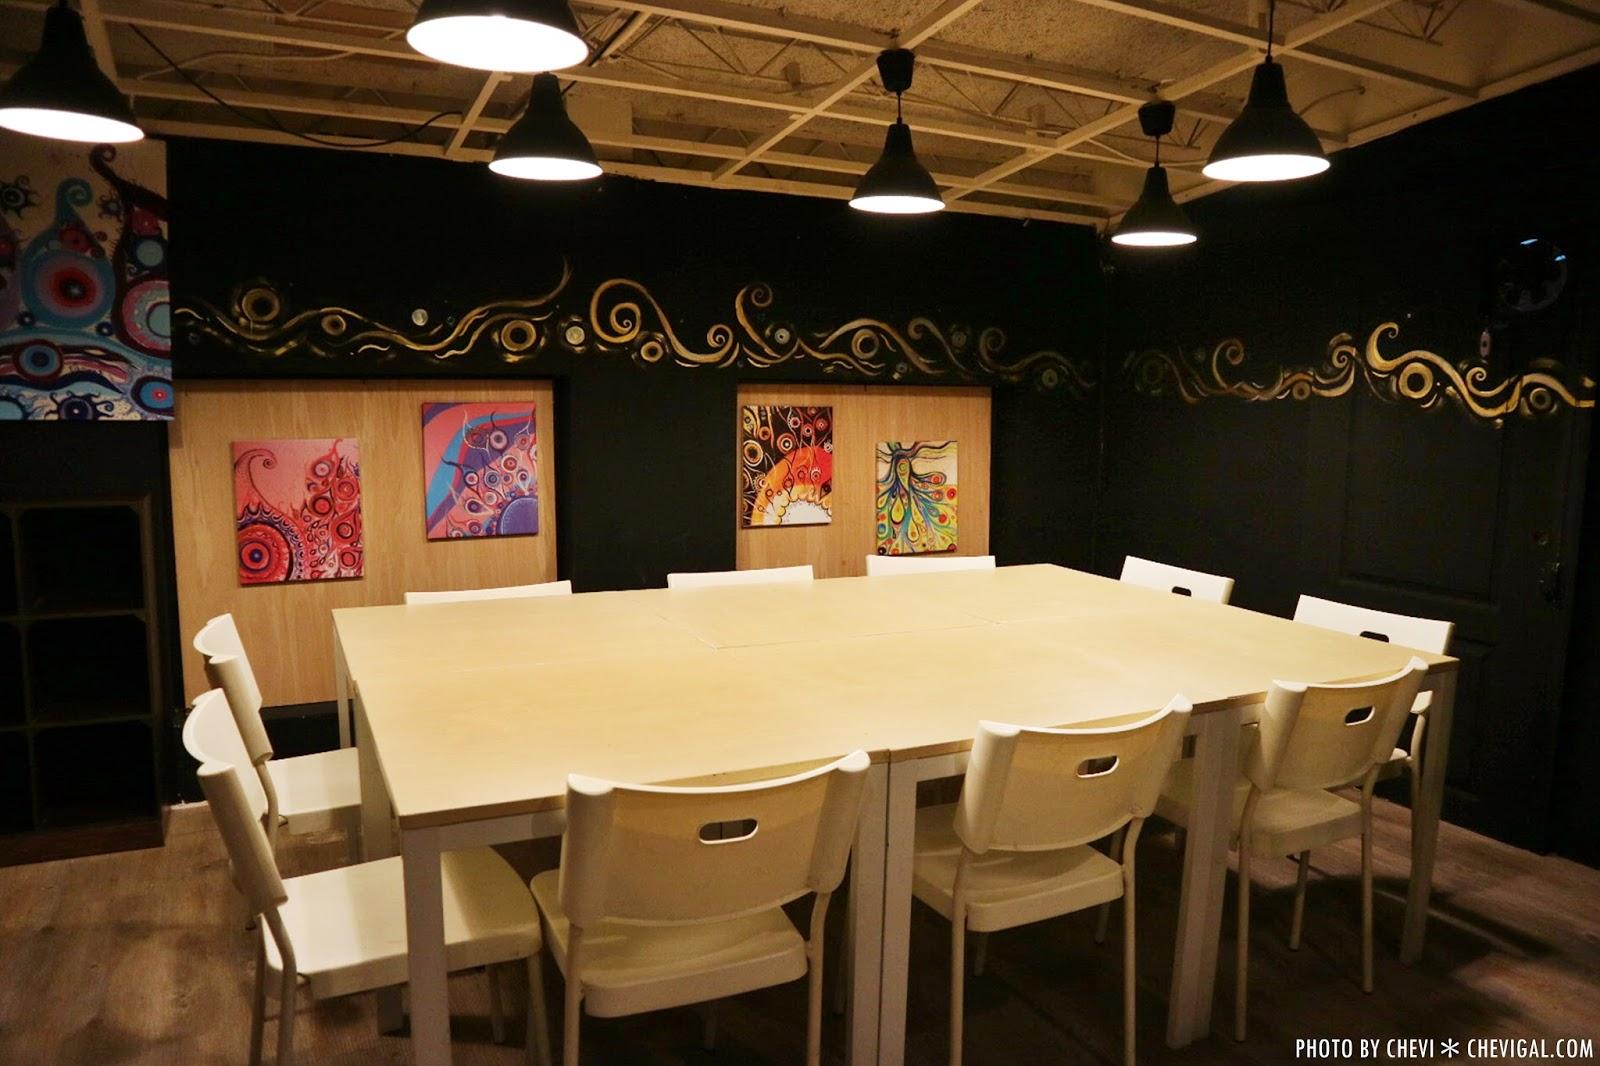 image220 - 熱血採訪│大和17。日式建築的運動主題餐館。自在氣氛包場好地方。臺虎精釀也能喝得到